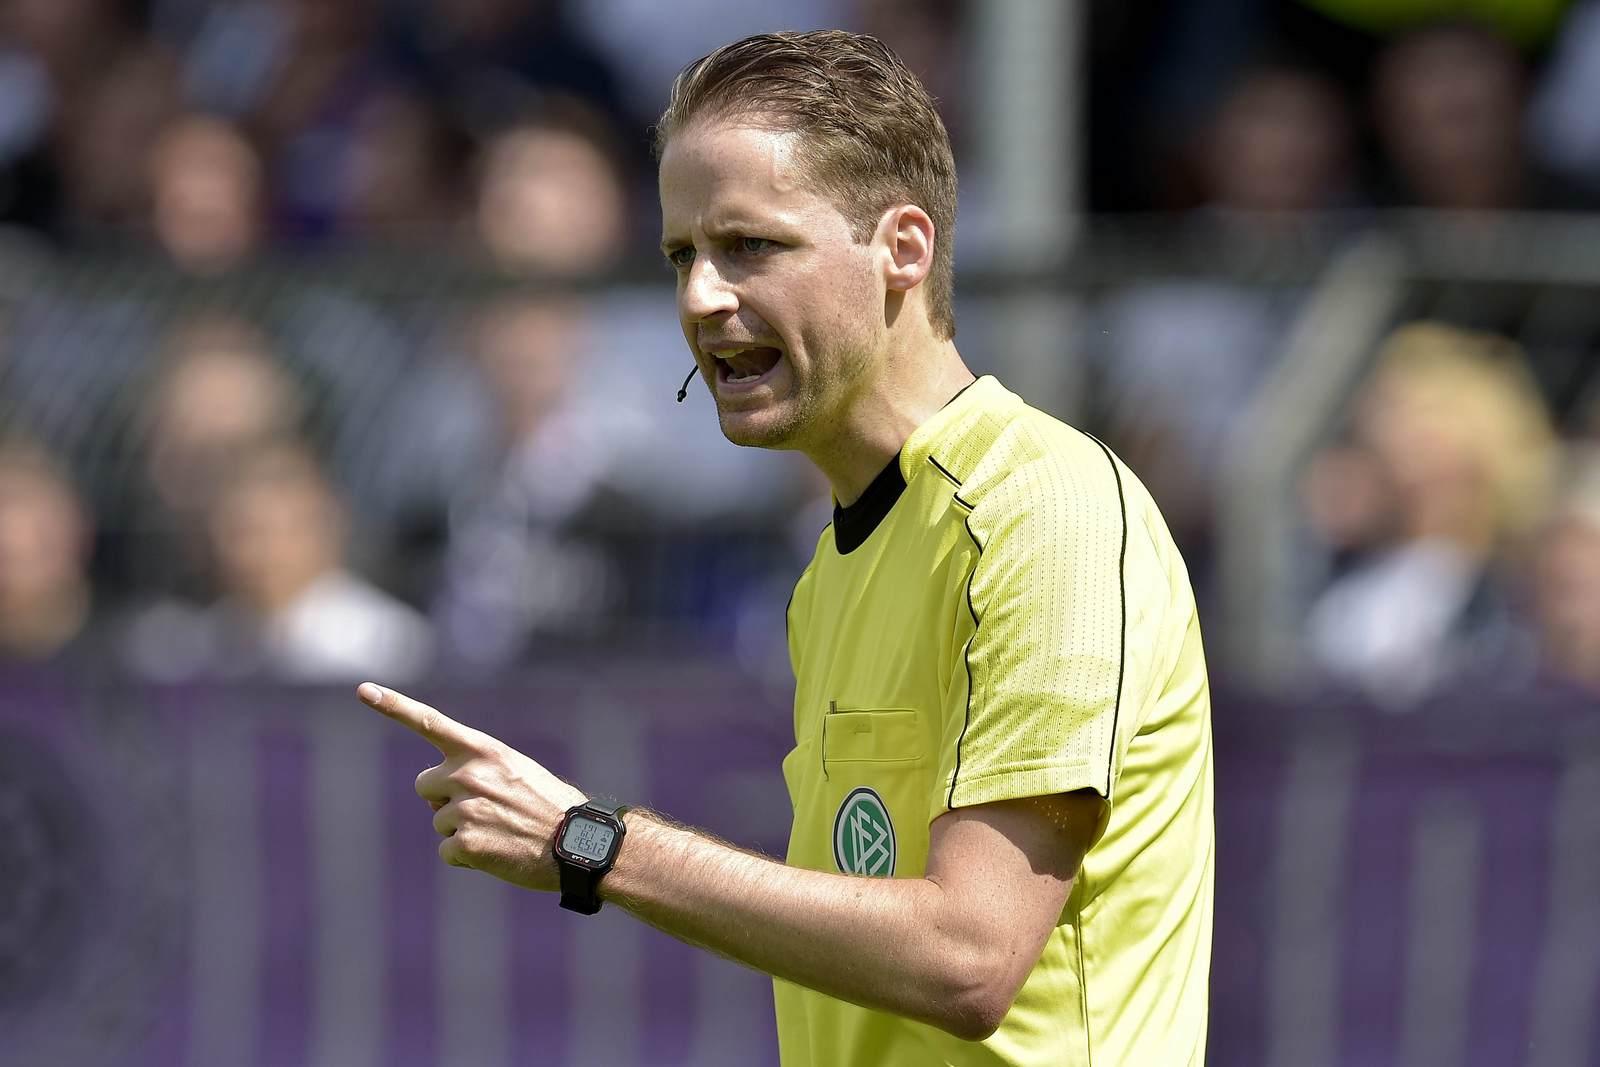 Schiedsrichter Dr. Martin Thomsen leitet am sechsten Spieltag der dritten Liga die Partie Paderborn gegen Meppen